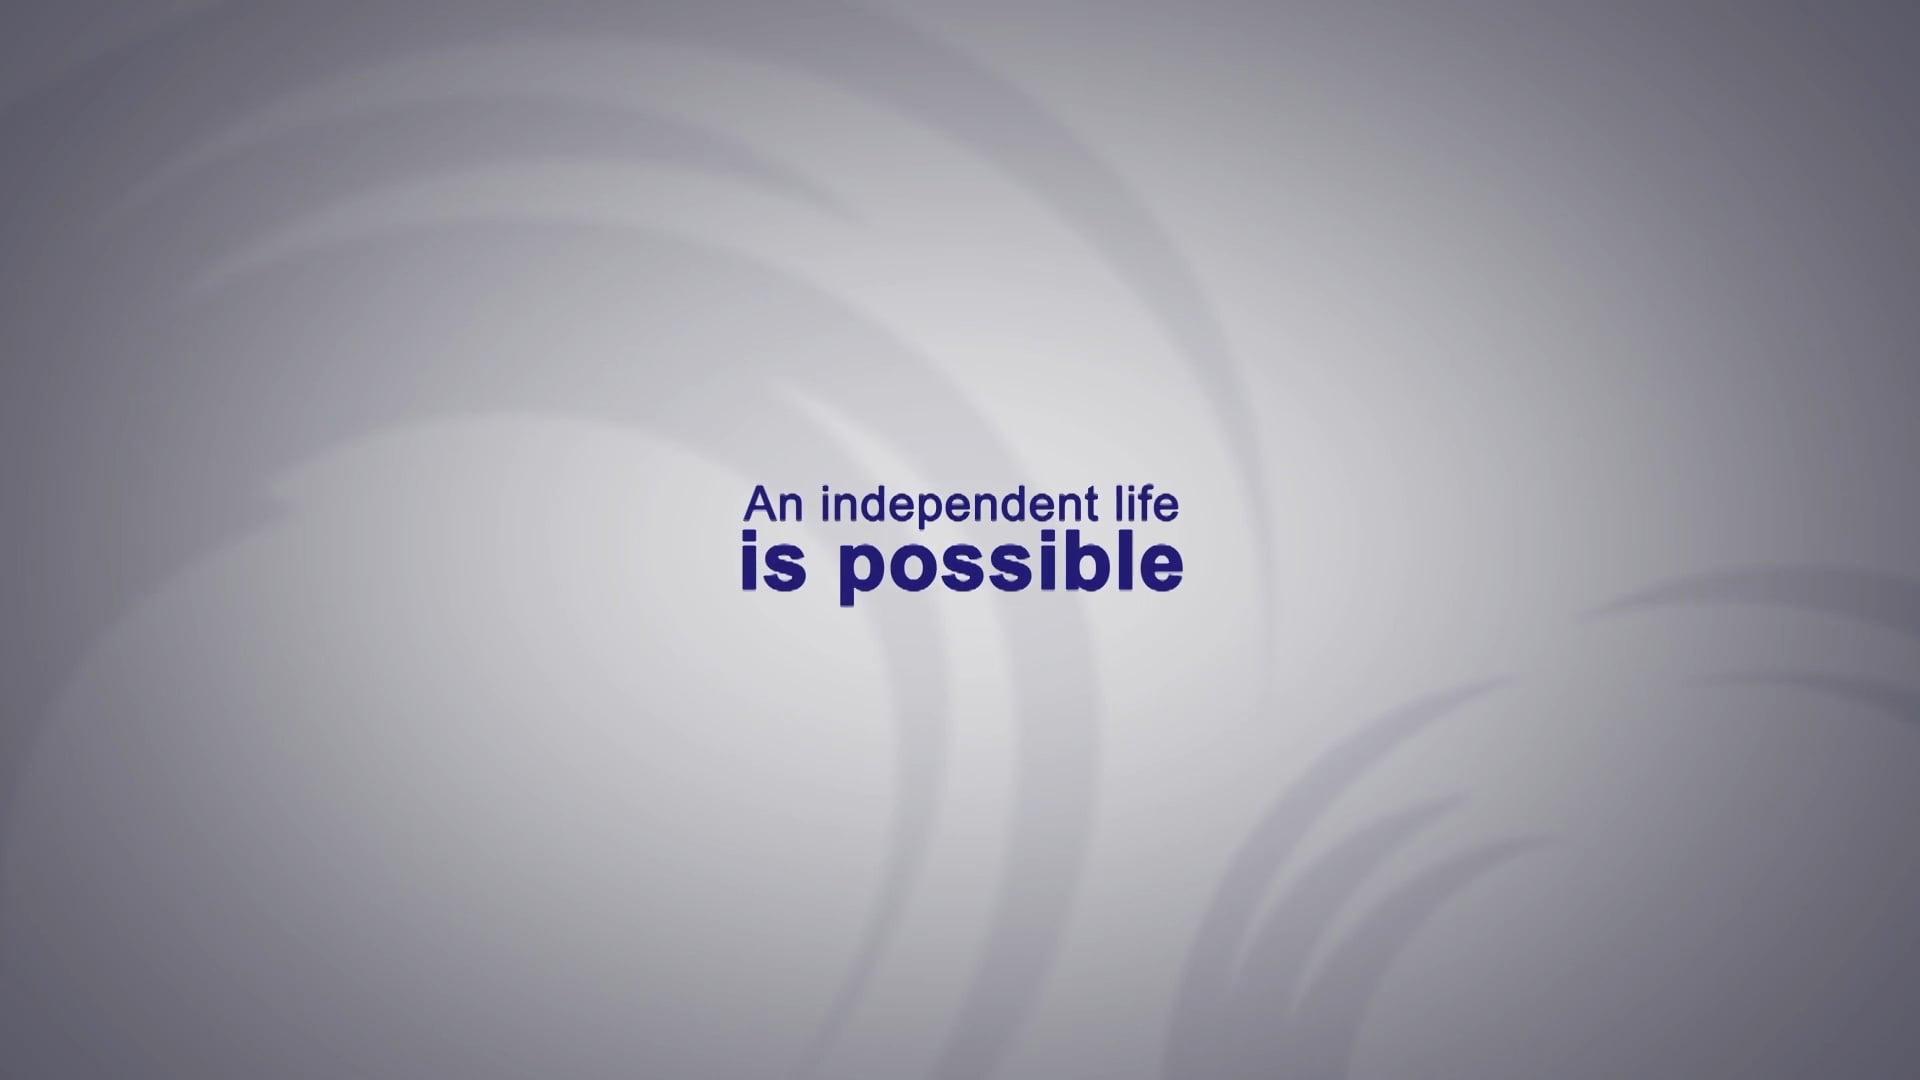 Una vida independent sí és possible